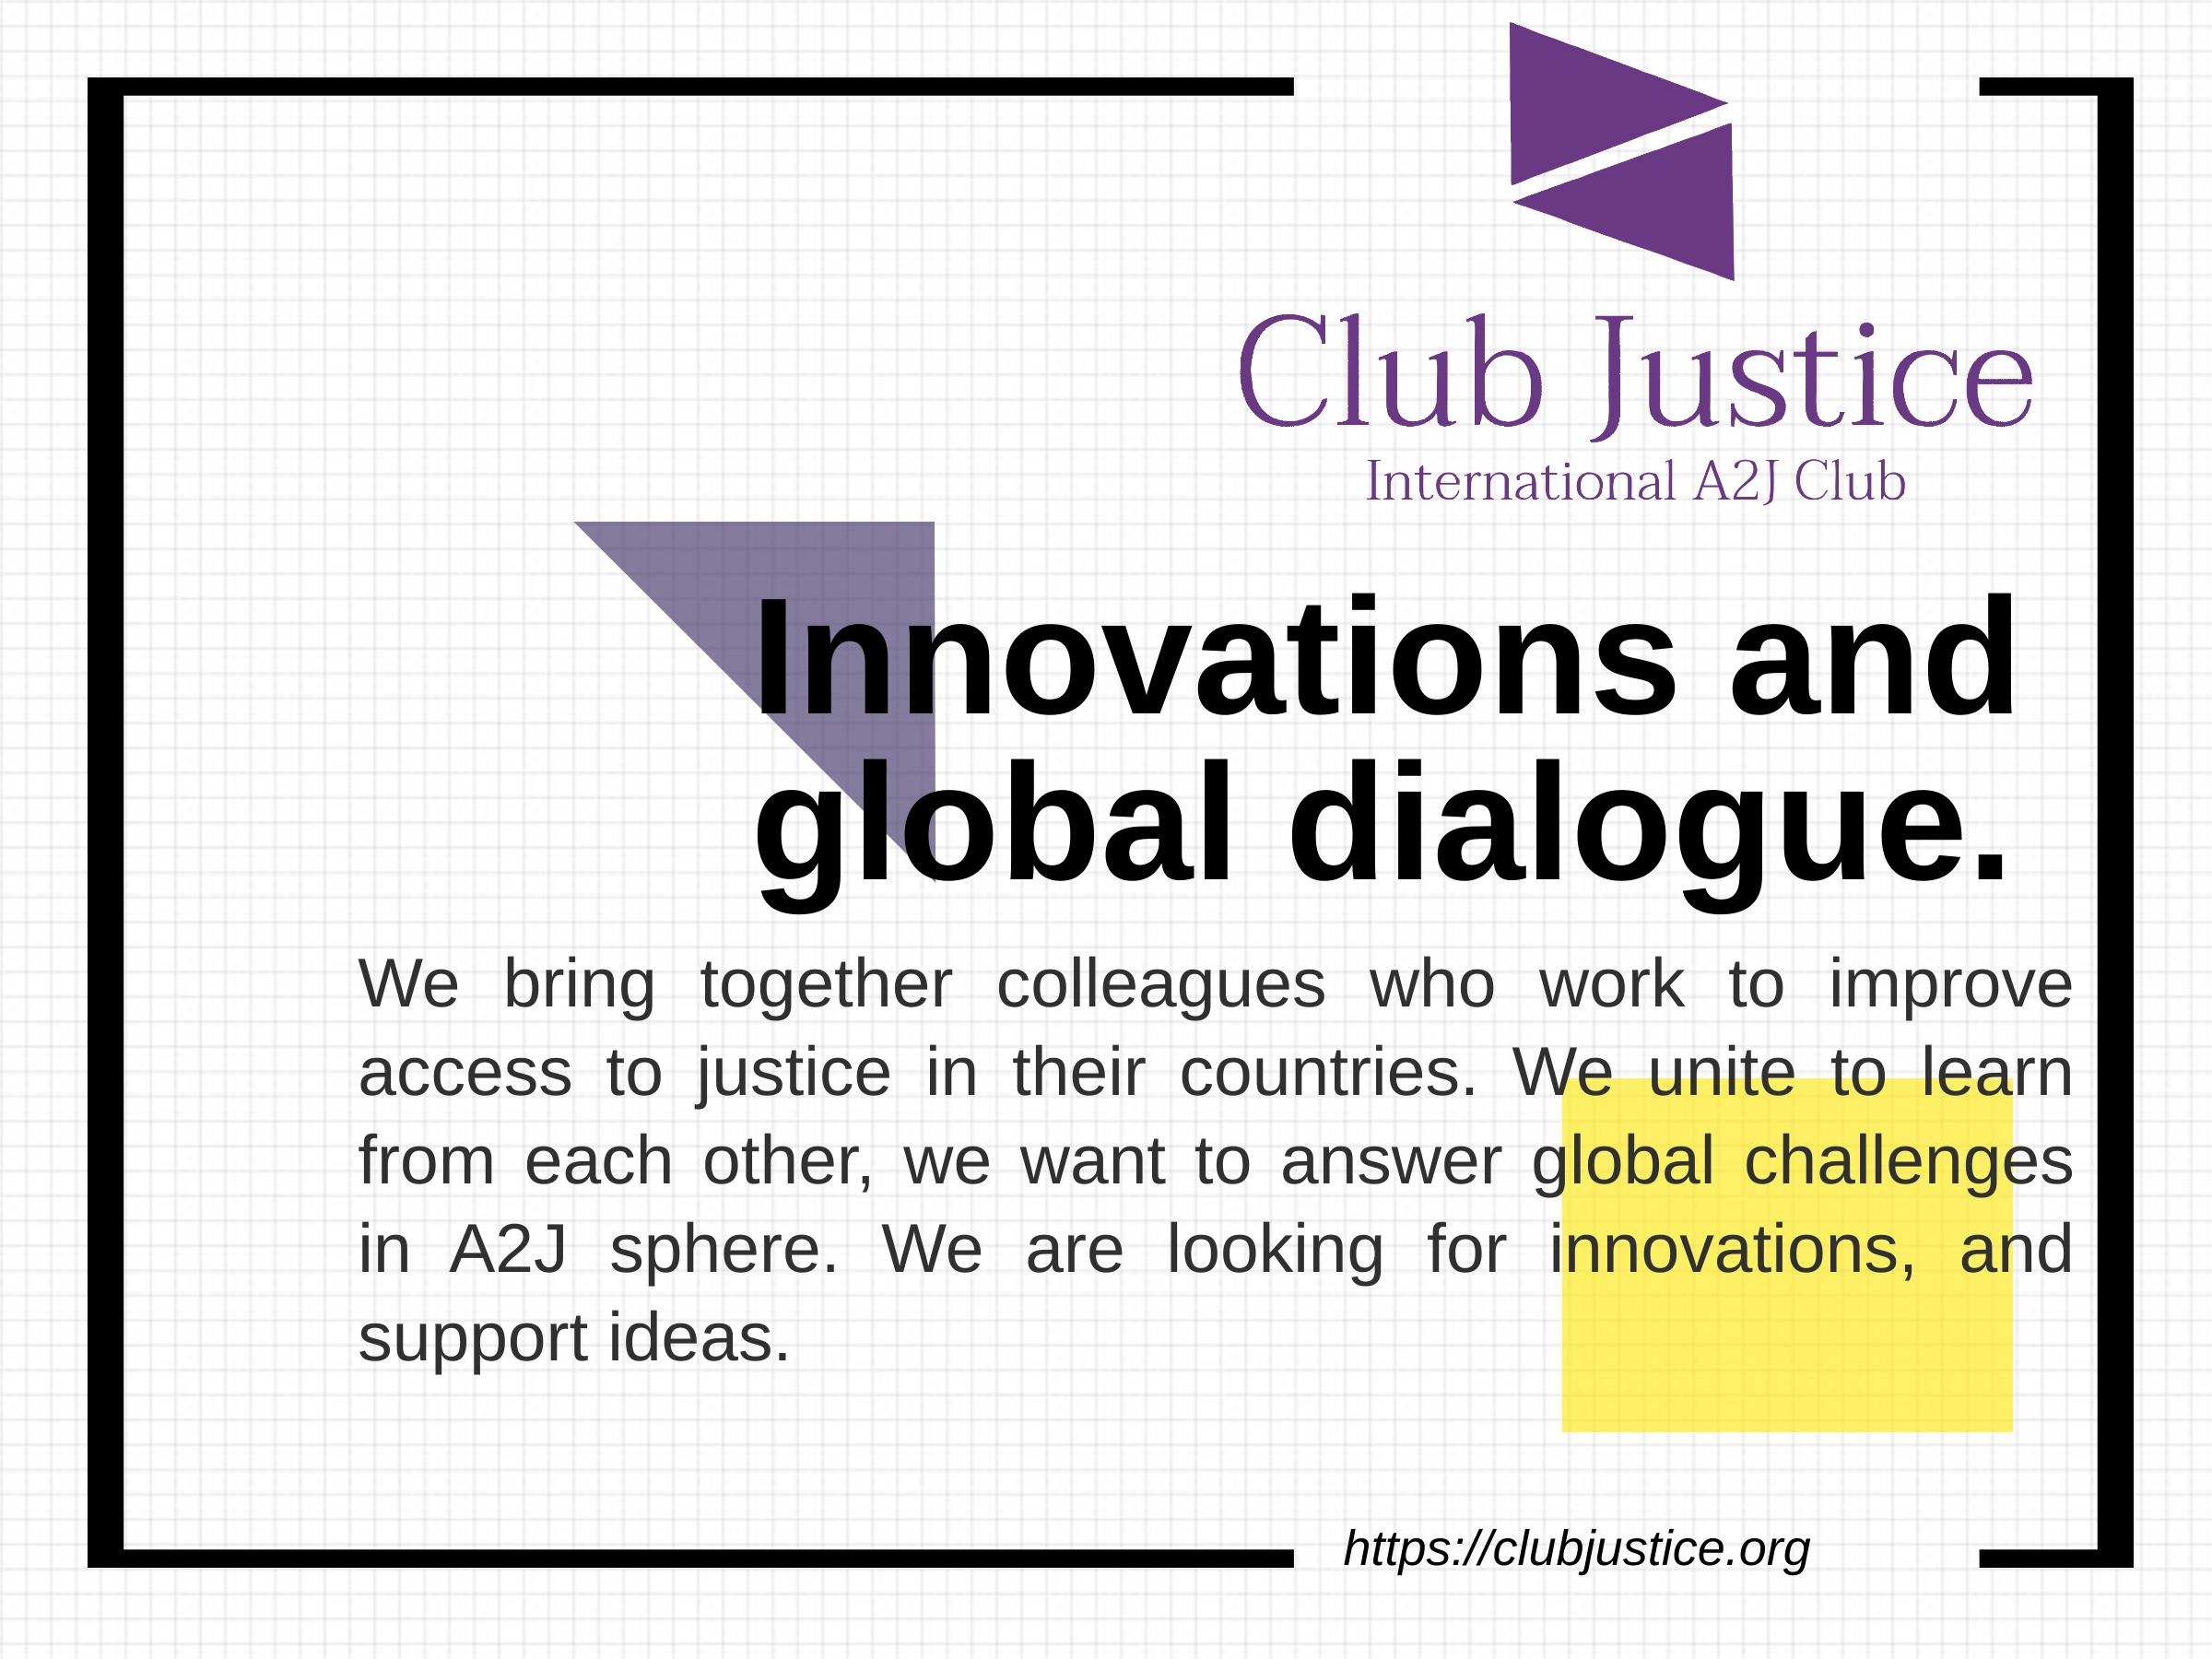 Фундация приєдналась до Міжнародного клубу інноваторов в сфері доступу до правосуддя